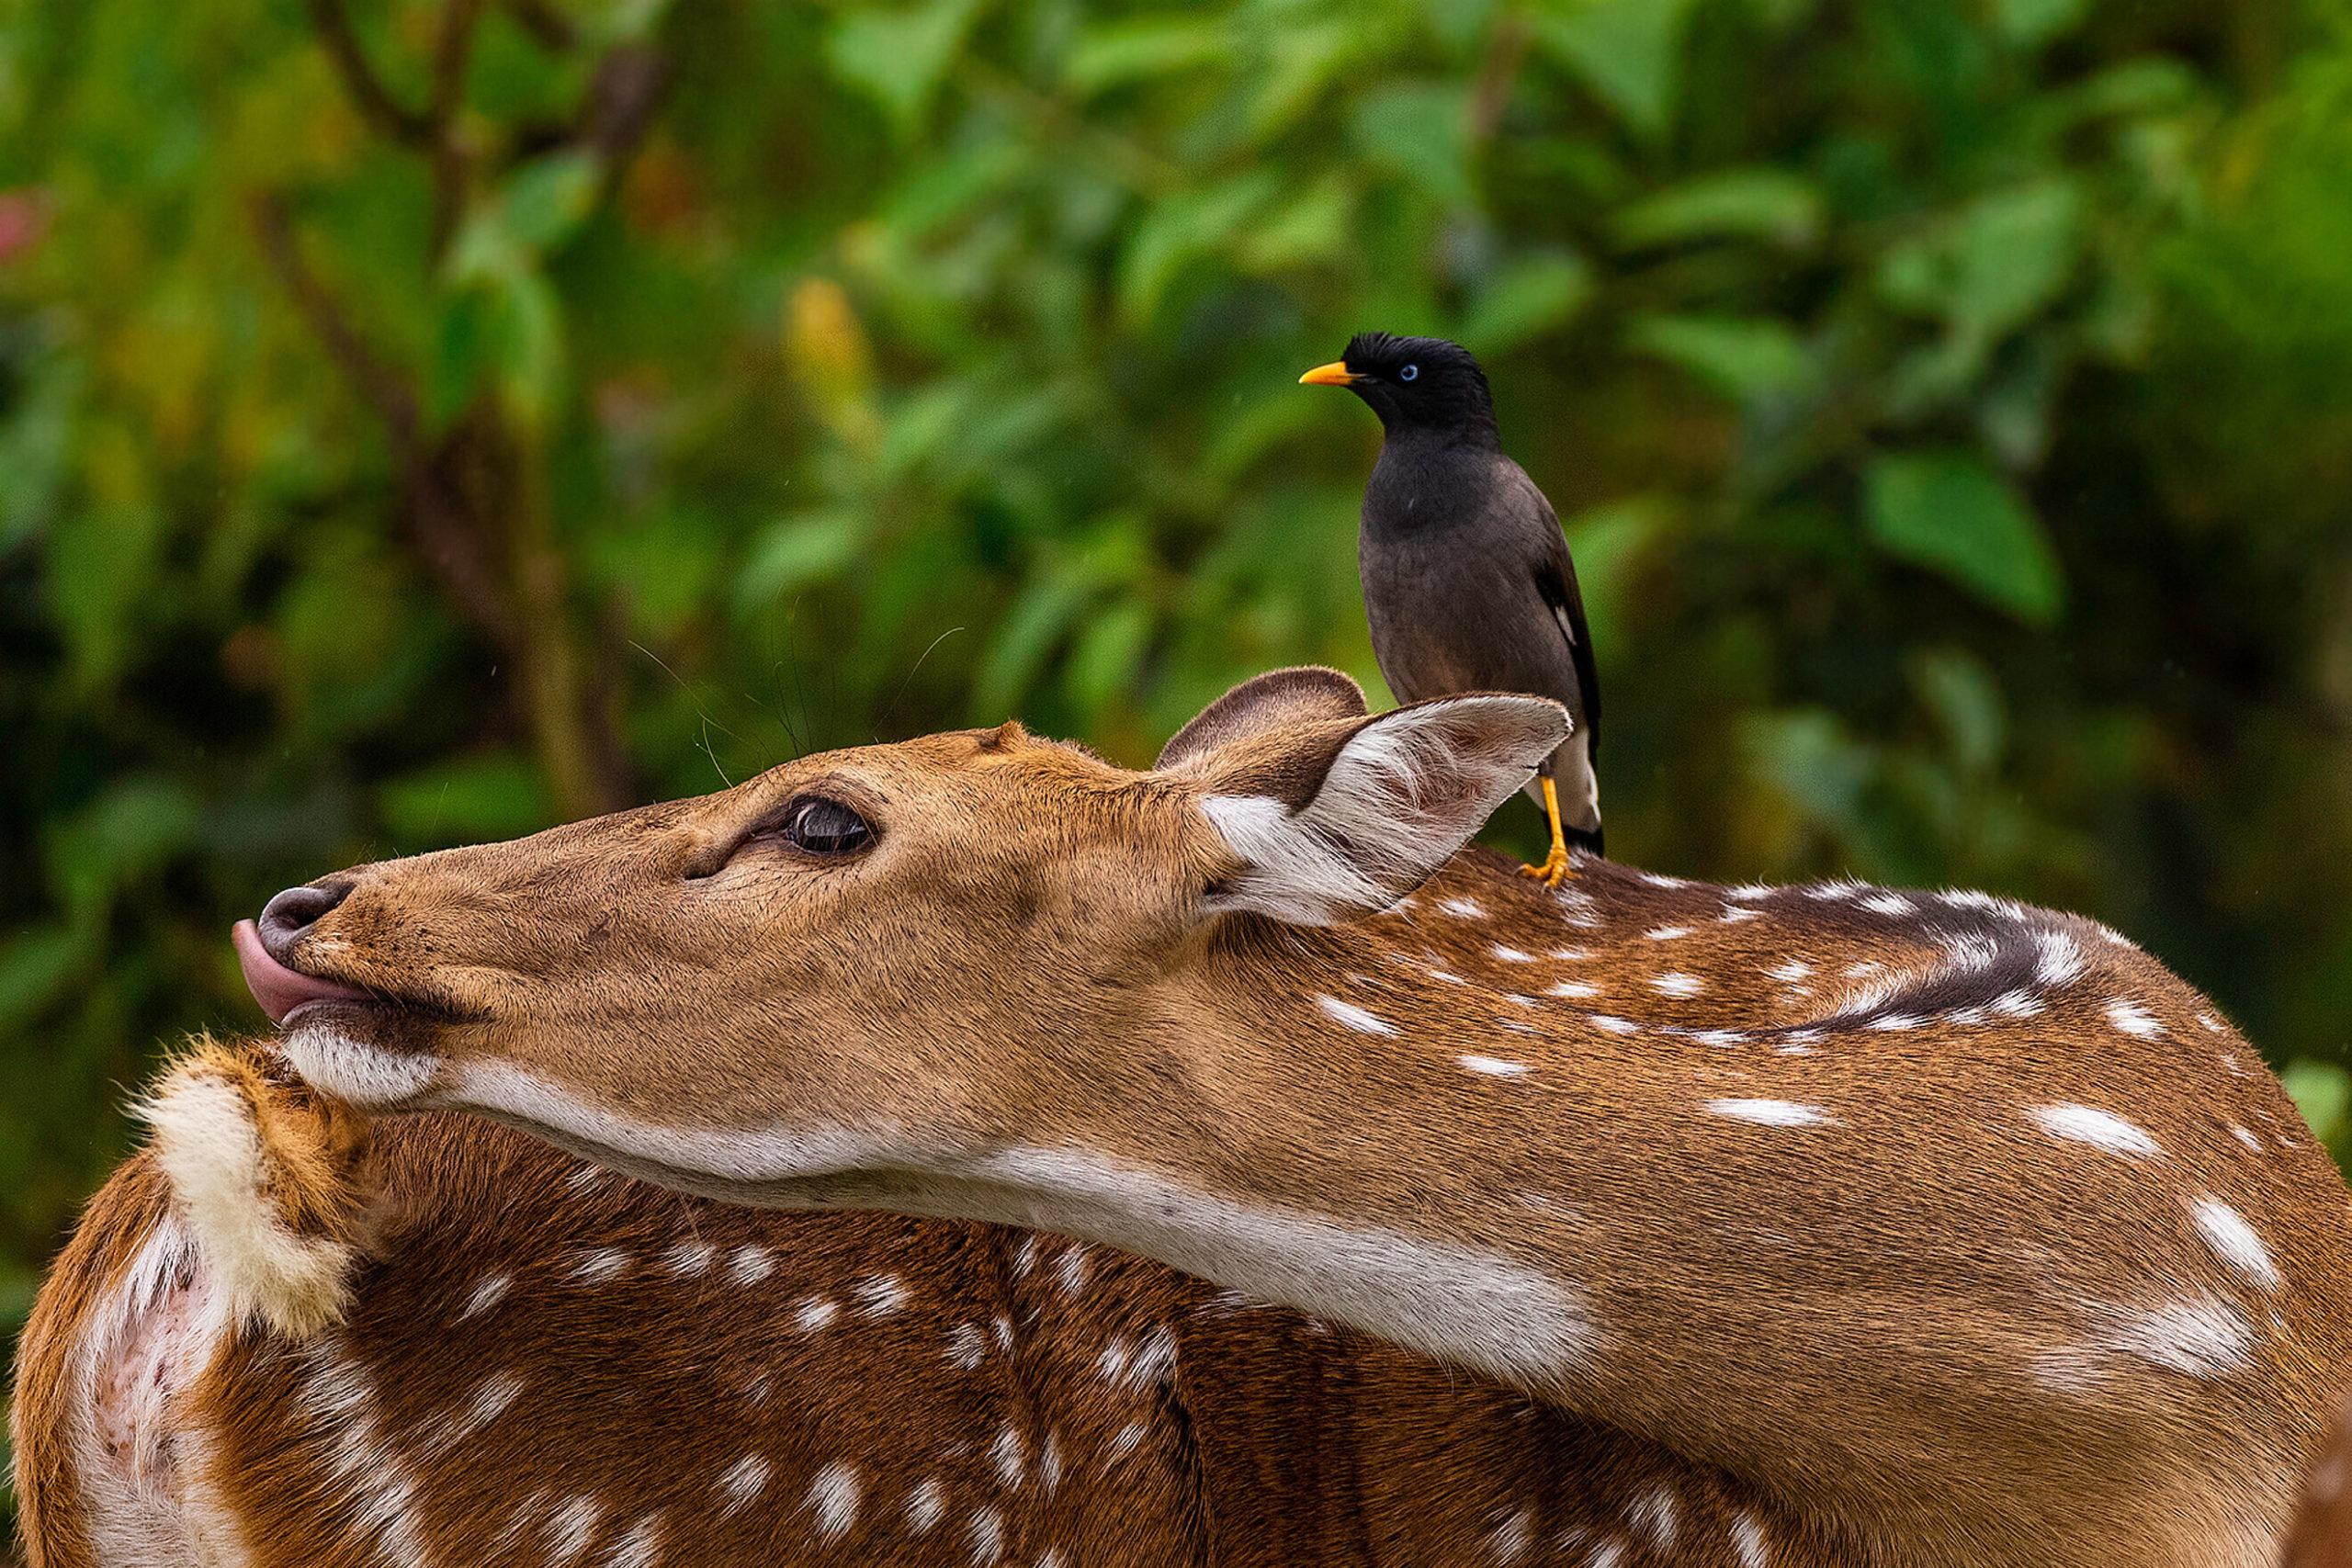 Az őz és a kis madár tökéletes szimbiózisban élnek Fotó: Northfoto